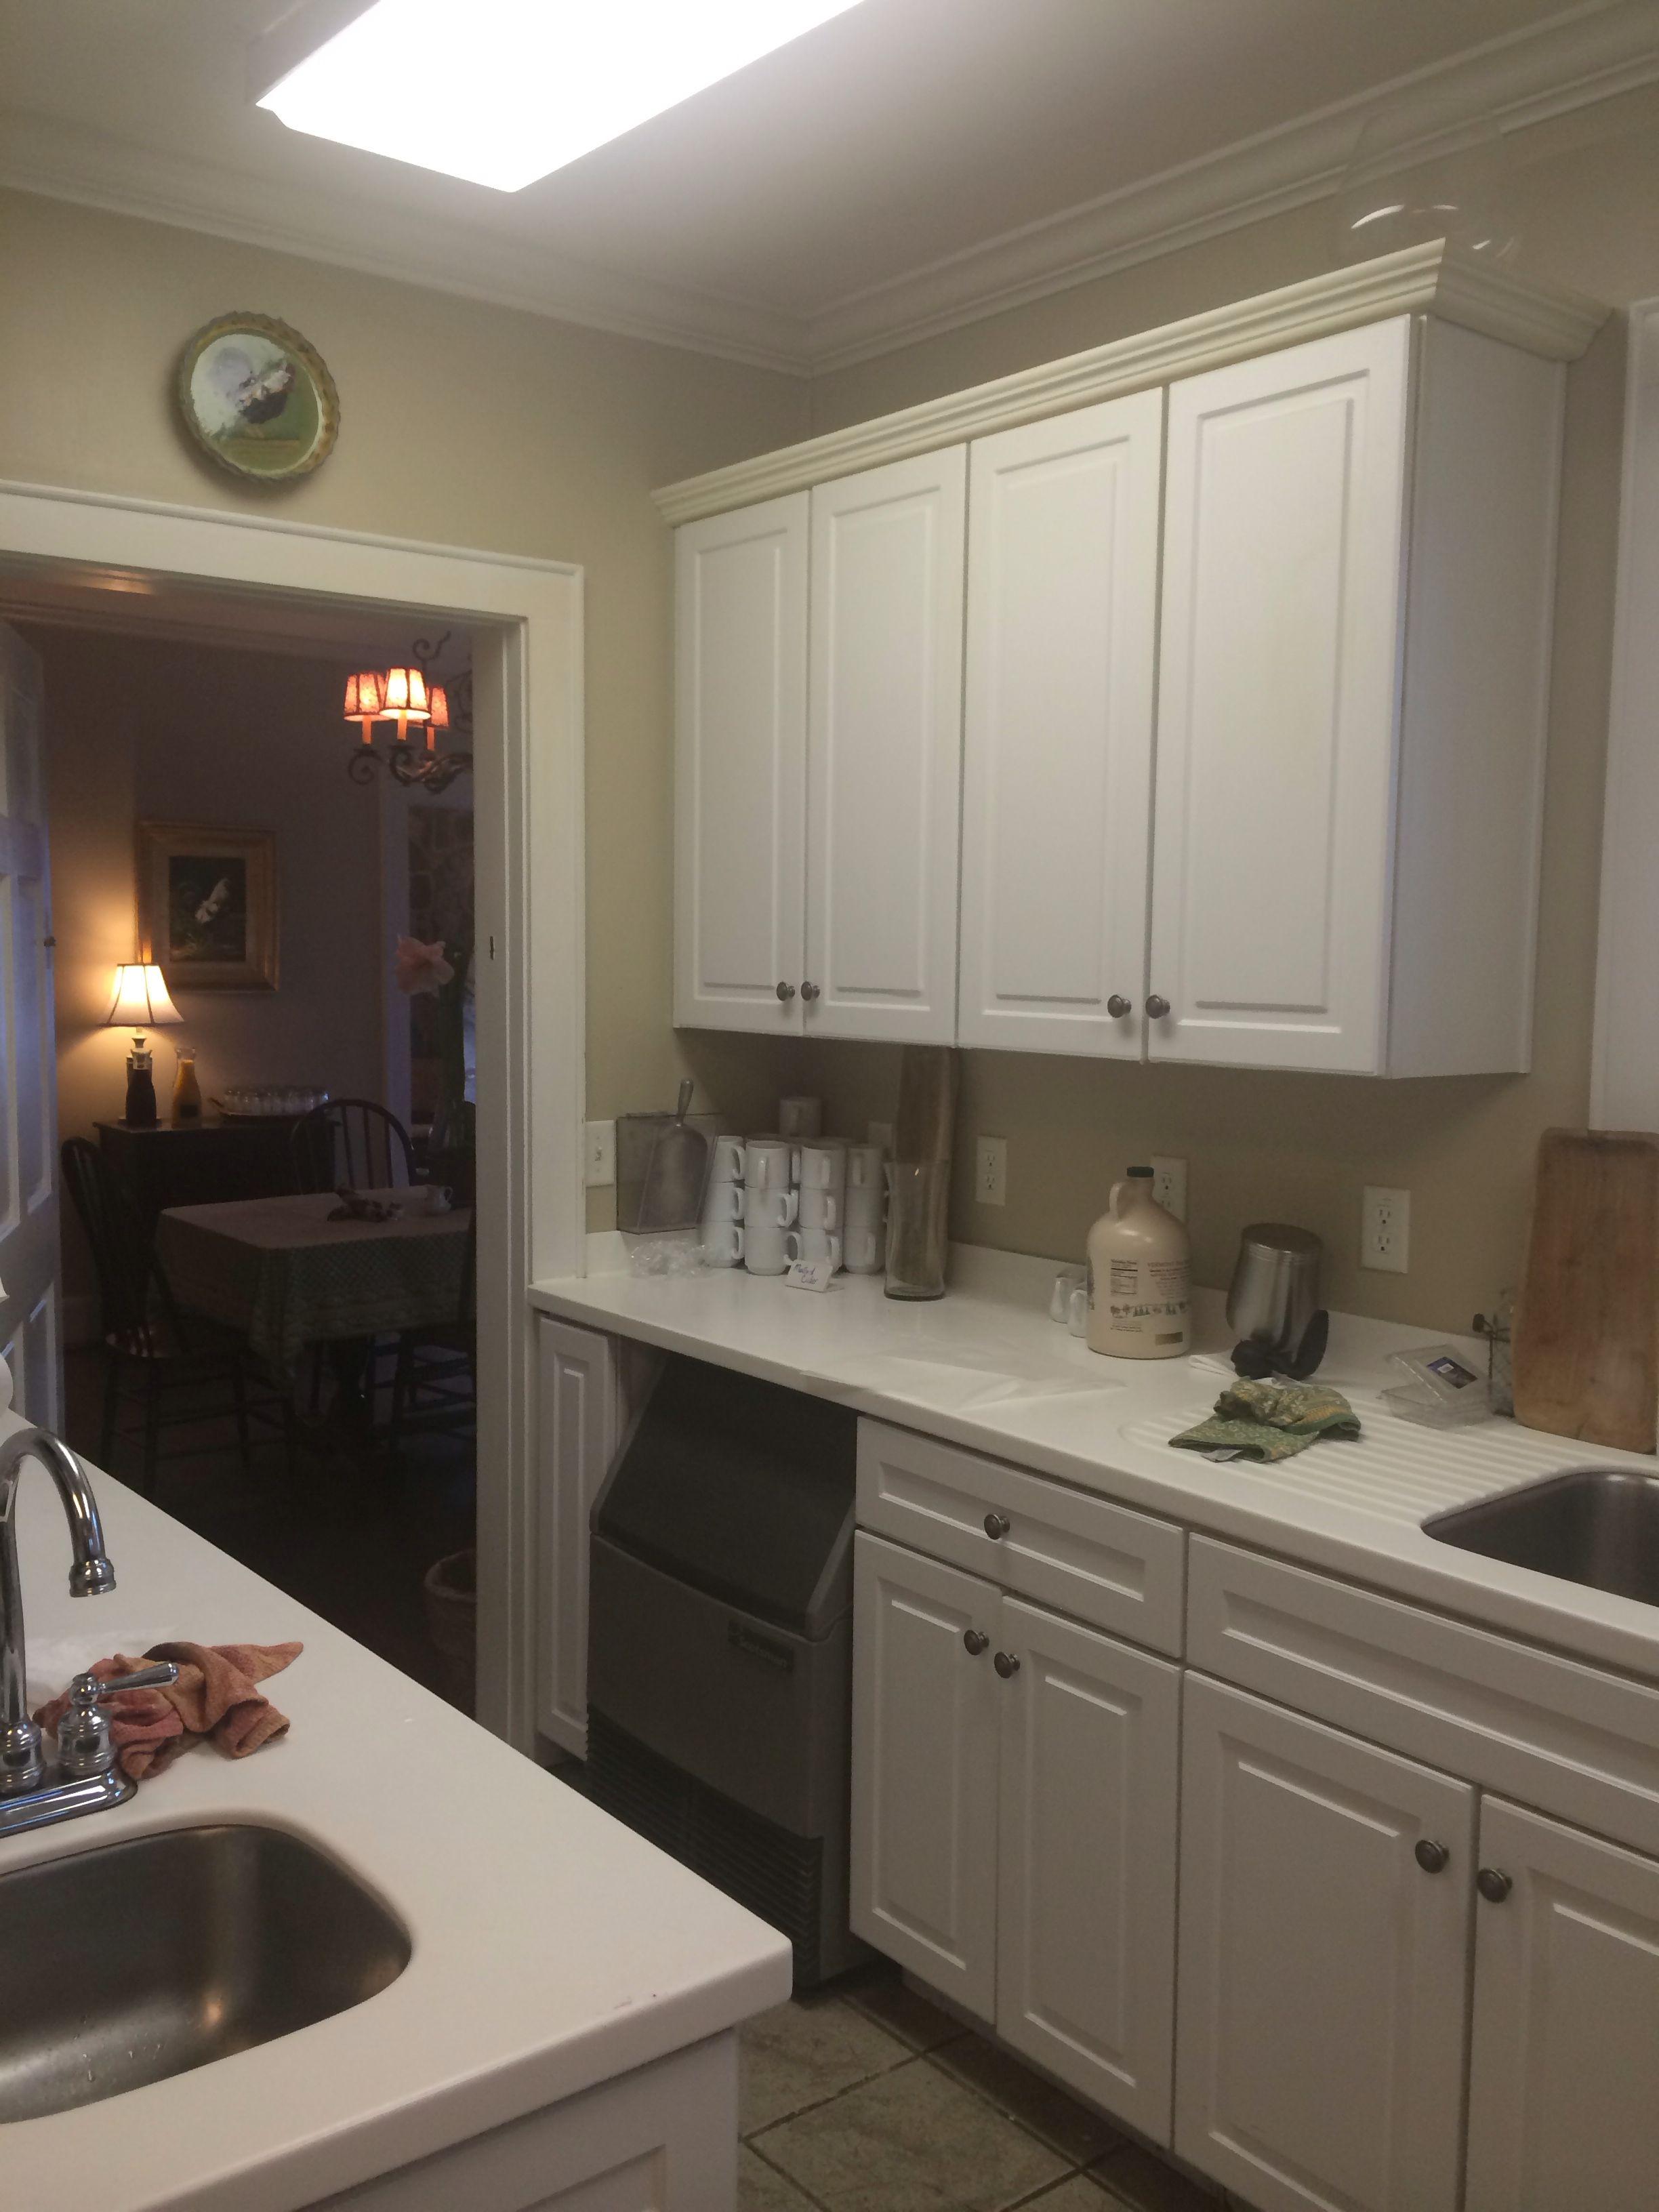 Before demolition | Kitchen remodel, Kitchen, Kitchen cabinets